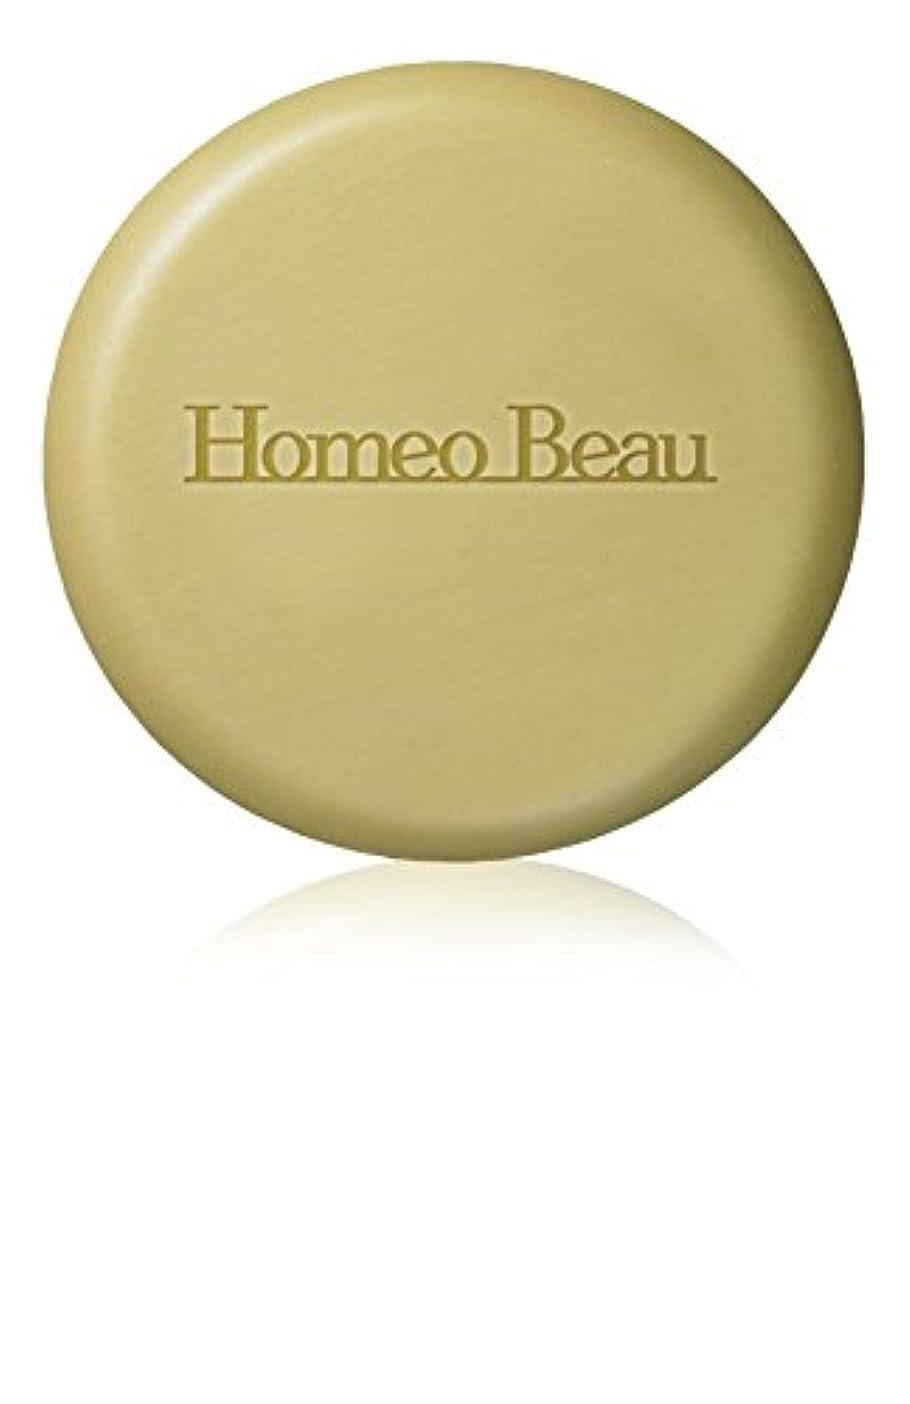 ハイランドスナッチダイエットホメオバウ(Homeo Beau) エッセンシャルソープ 100g